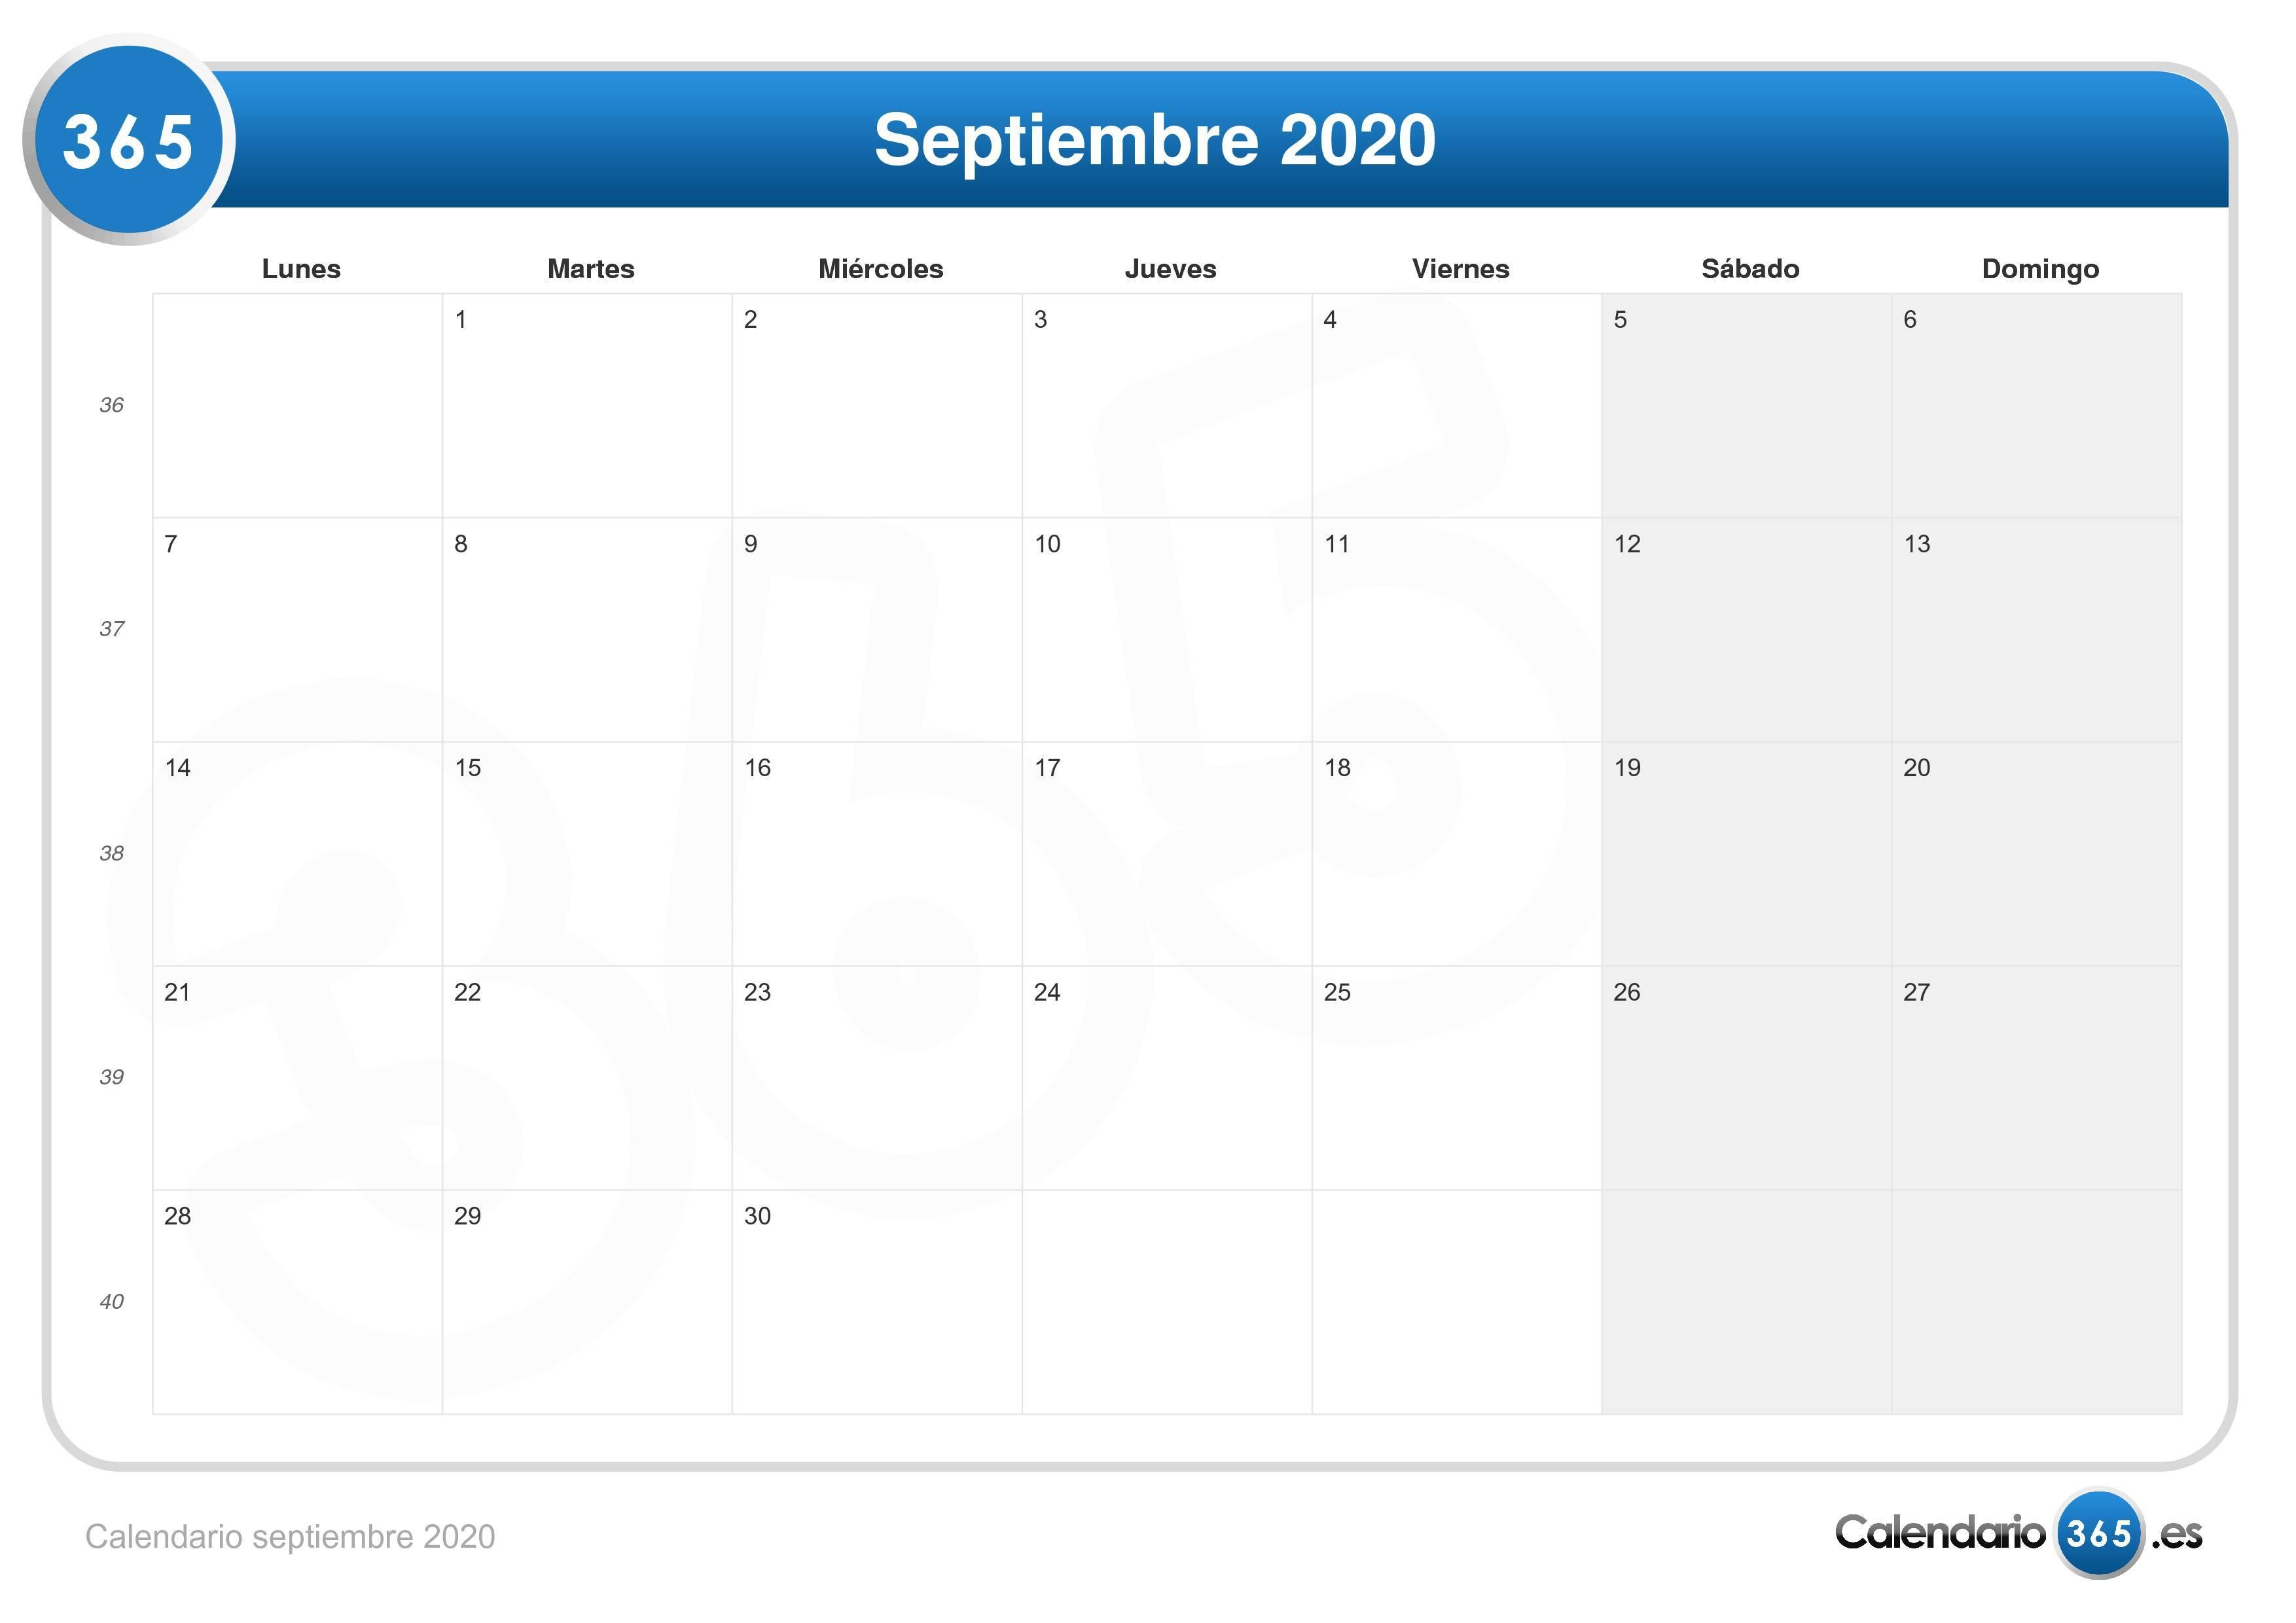 Calendario Zaragozano 2020.Calendario Septiembre 2020